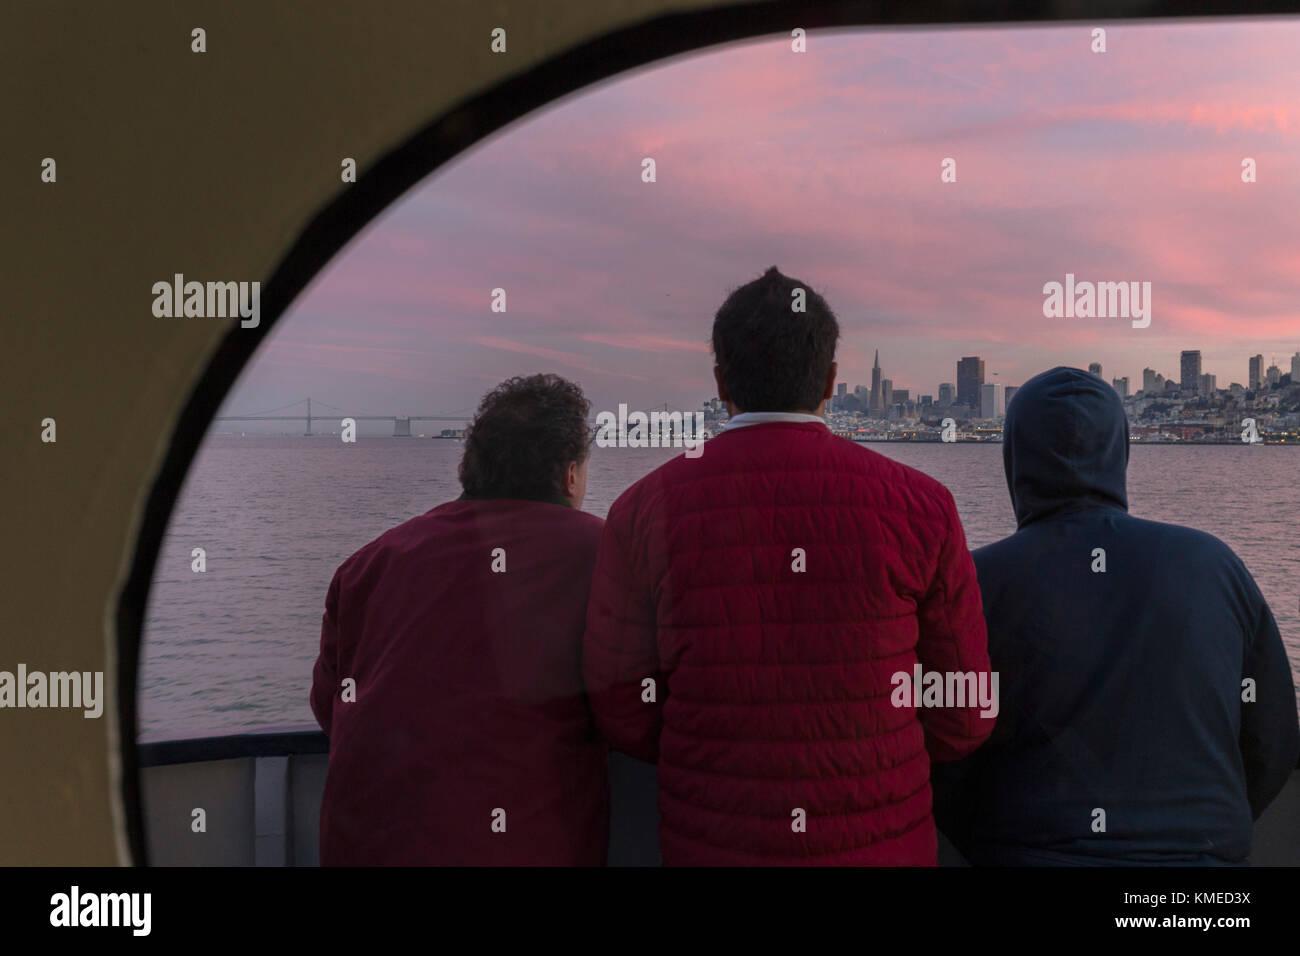 Vista posteriore di tre passeggeri sui traghetti da Sausalito per san francisco cercando in vista della cittã Immagini Stock